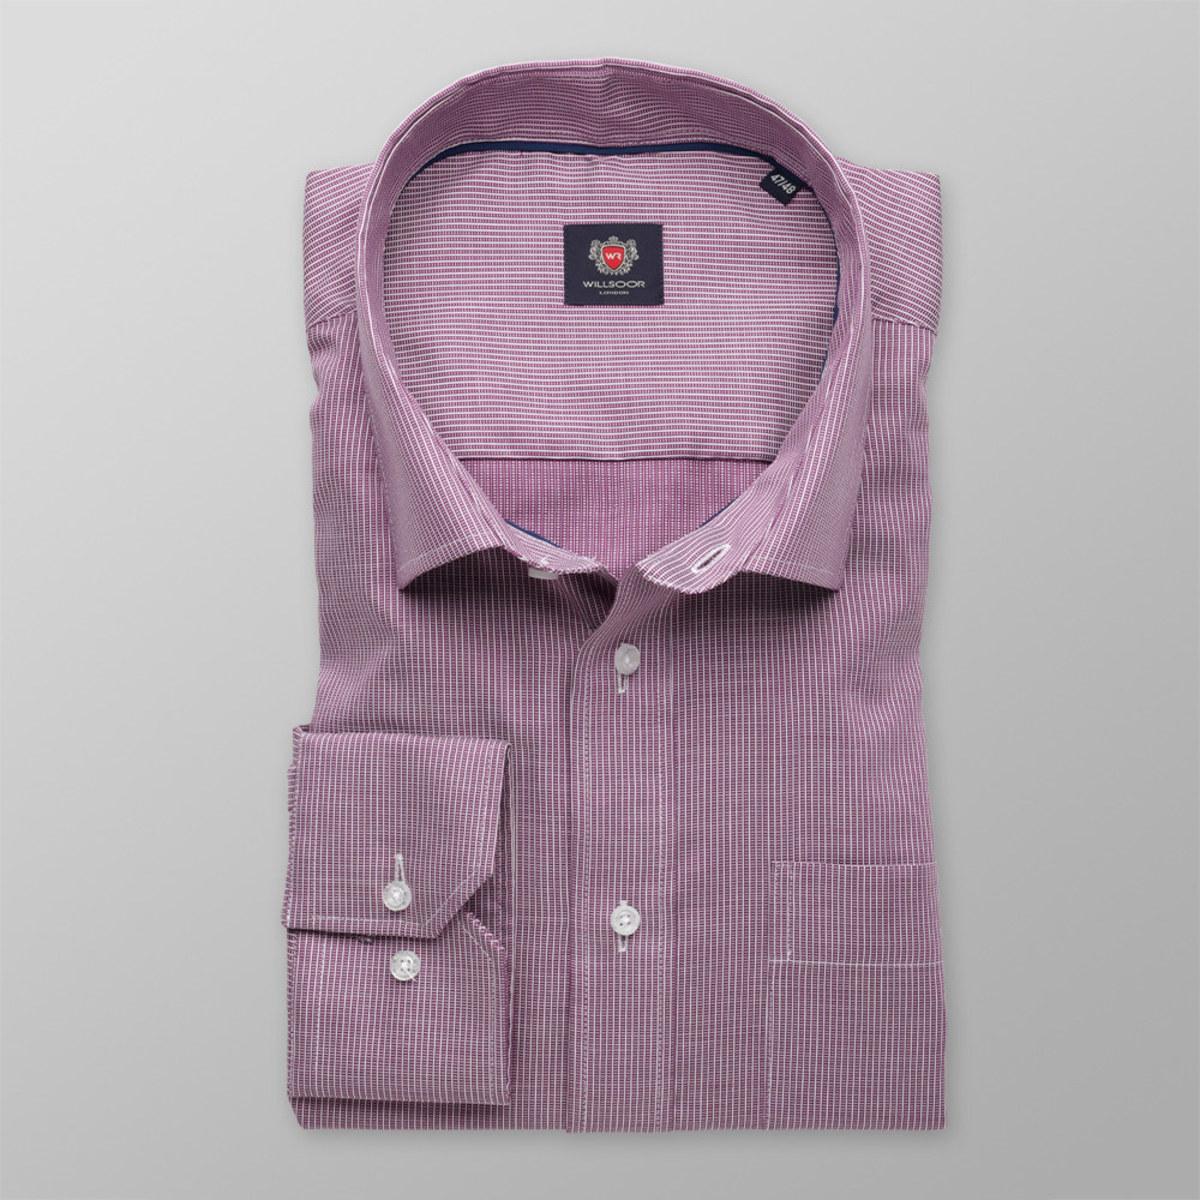 Pánska klasická košeľa London (výška 188-194) 8279 vo fialové farbe s pásikmi 188-194 / 47/48